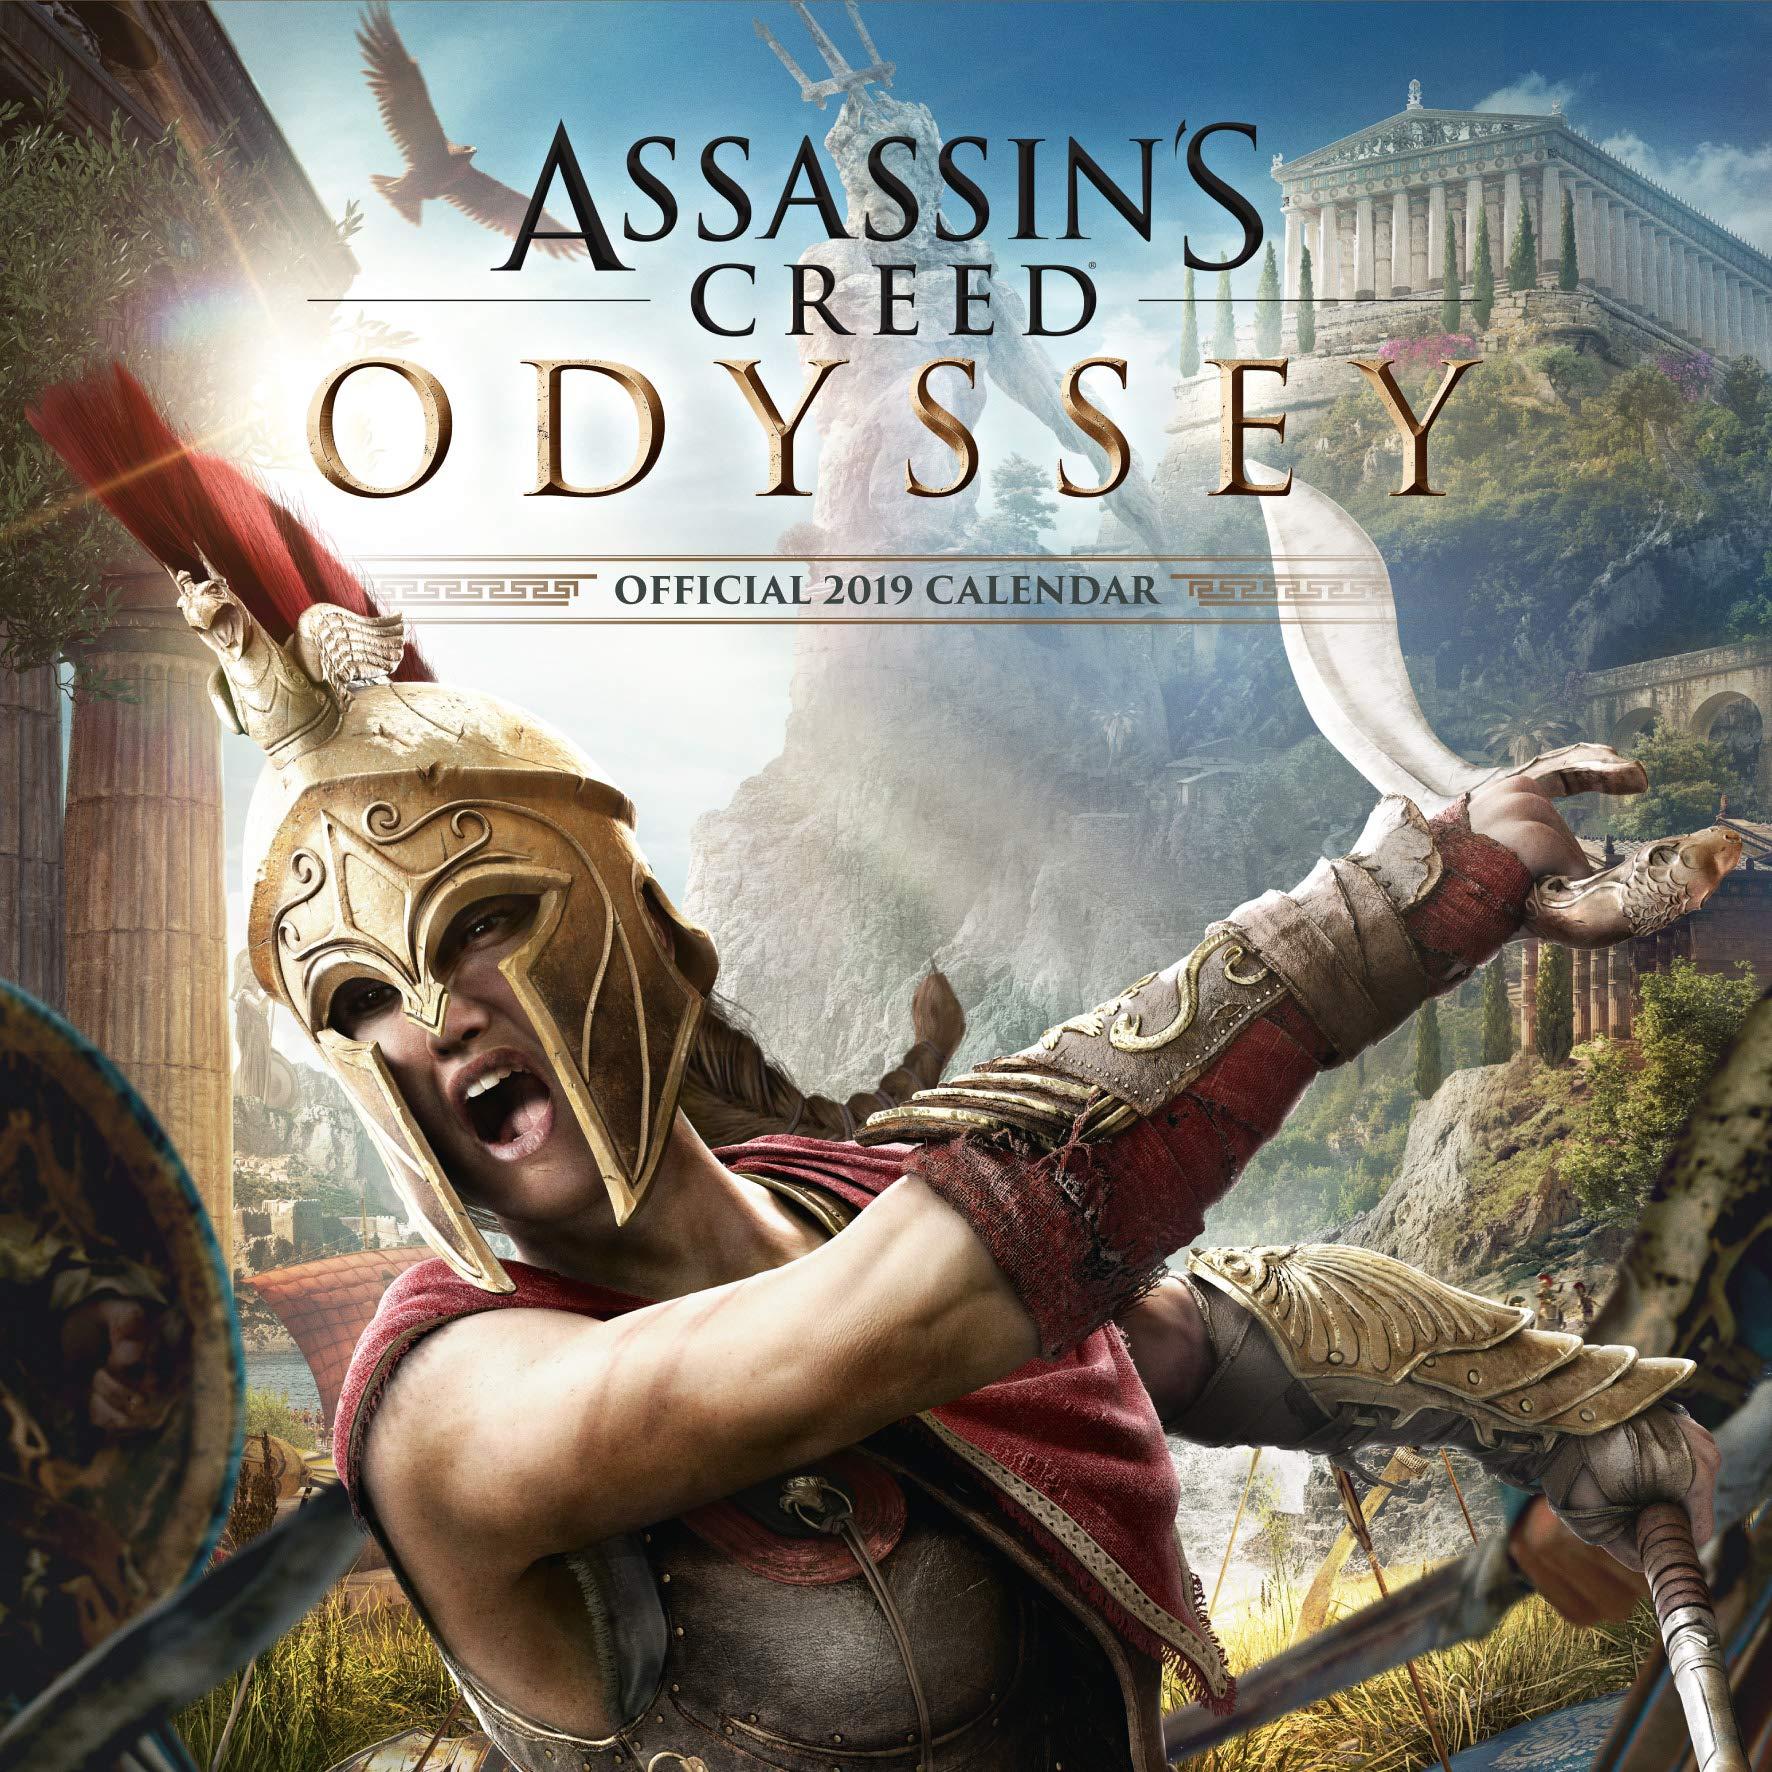 Assassins Creed Game Official 2019 Calendar - Square Wall Calendar Format: Amazon.es: Assassins Creed Game: Libros en idiomas extranjeros